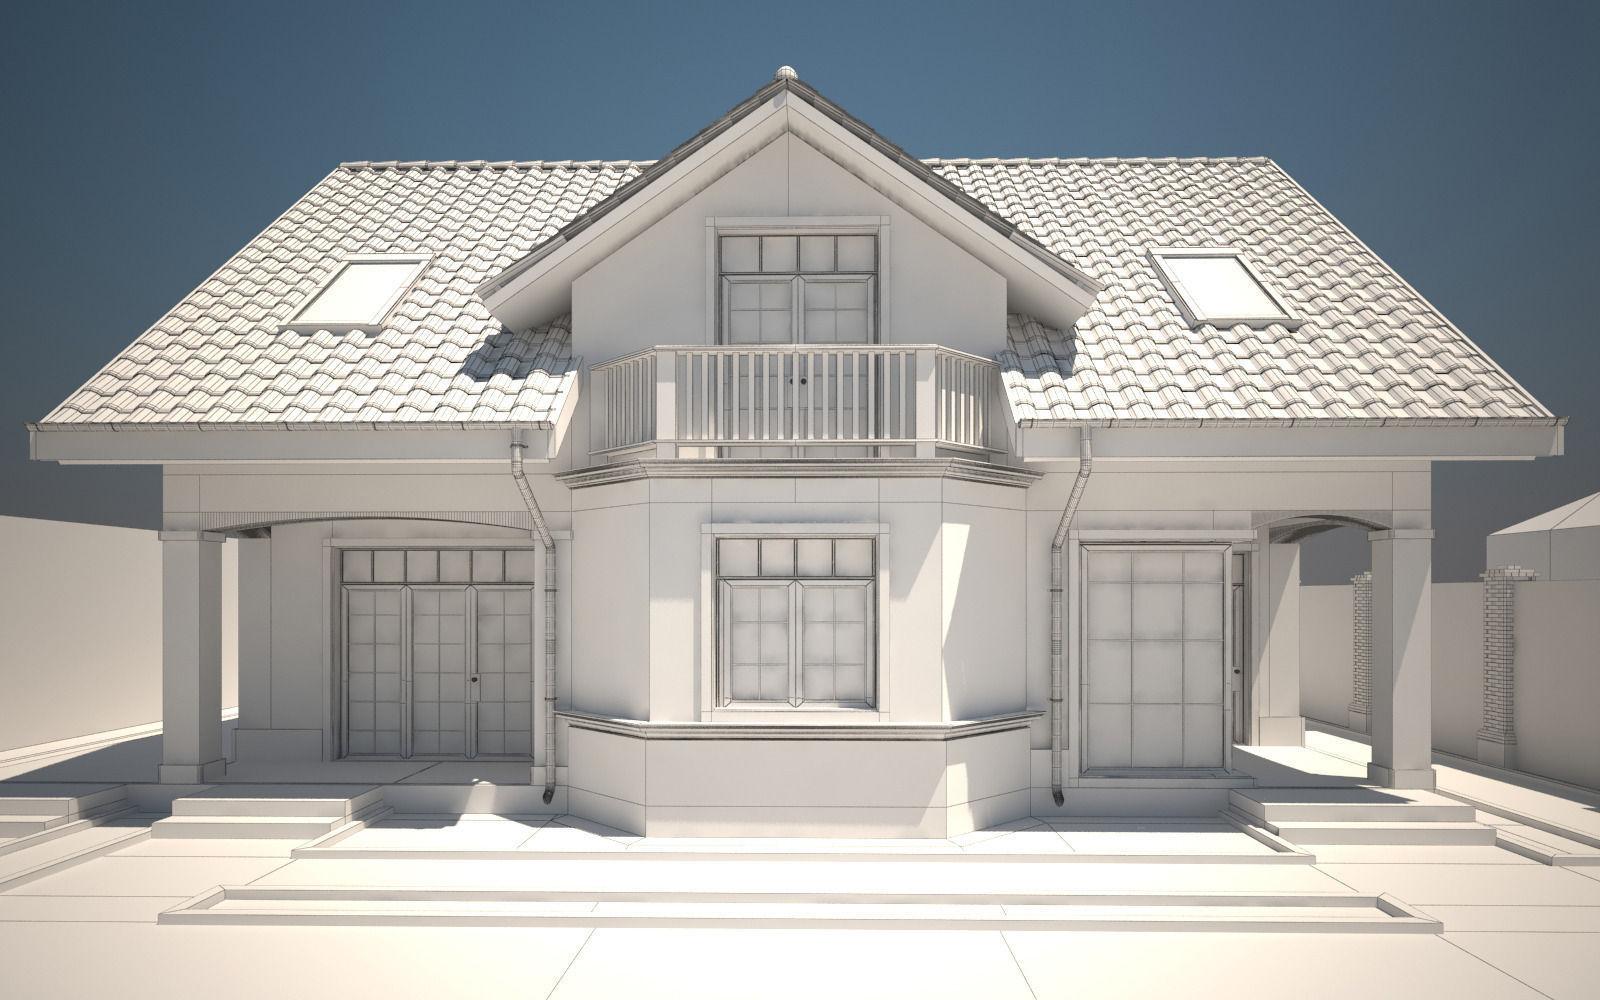 House exterior 3d model max obj tga - 3d max models free download exterior ...